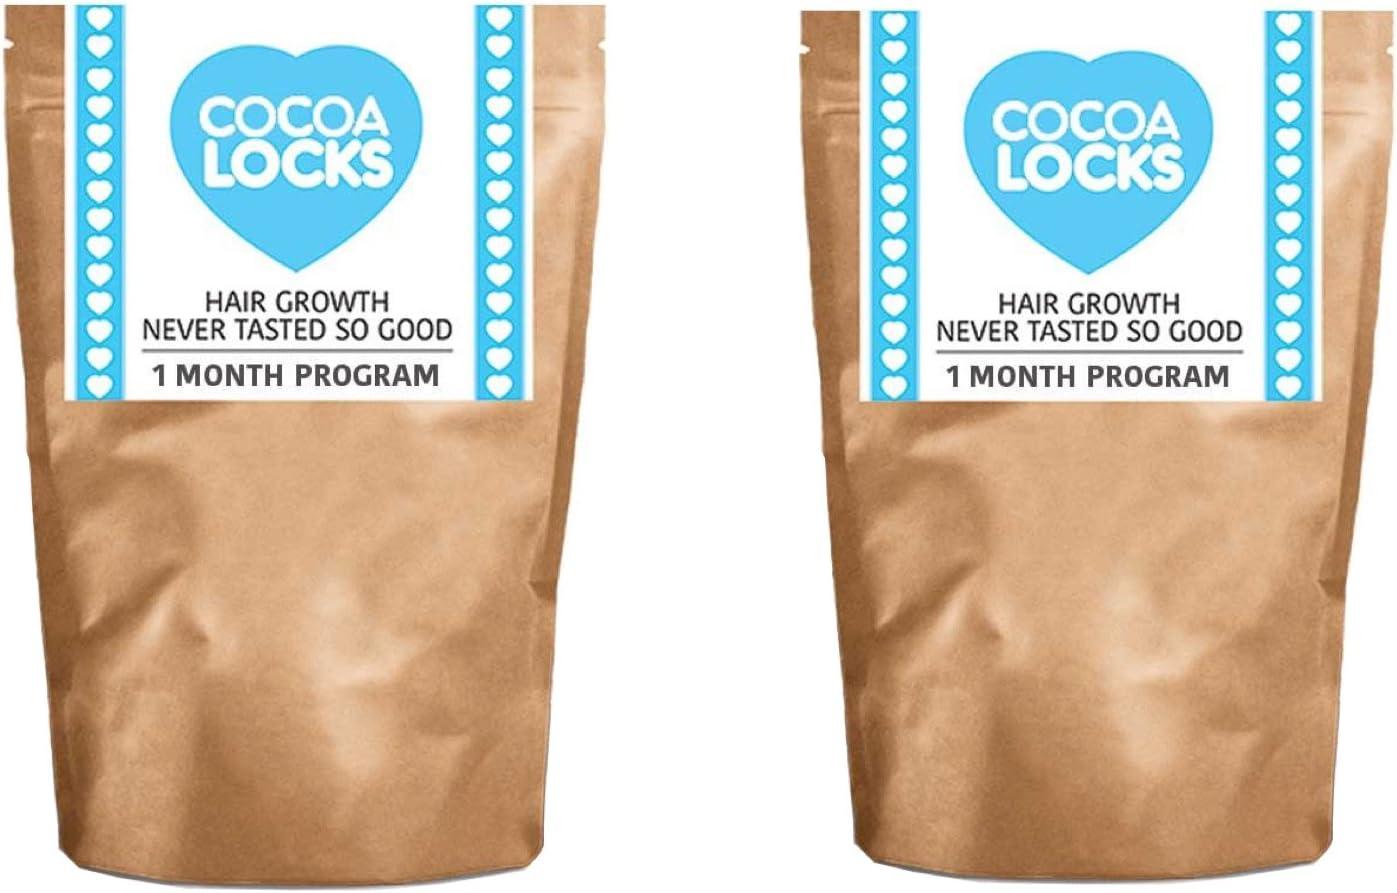 Doble pack Cocoa Locks Chocolate Drink para un crecimiento rápido pelo por 28 días Paquete (2 x 28 días): Amazon.es: Salud y cuidado personal